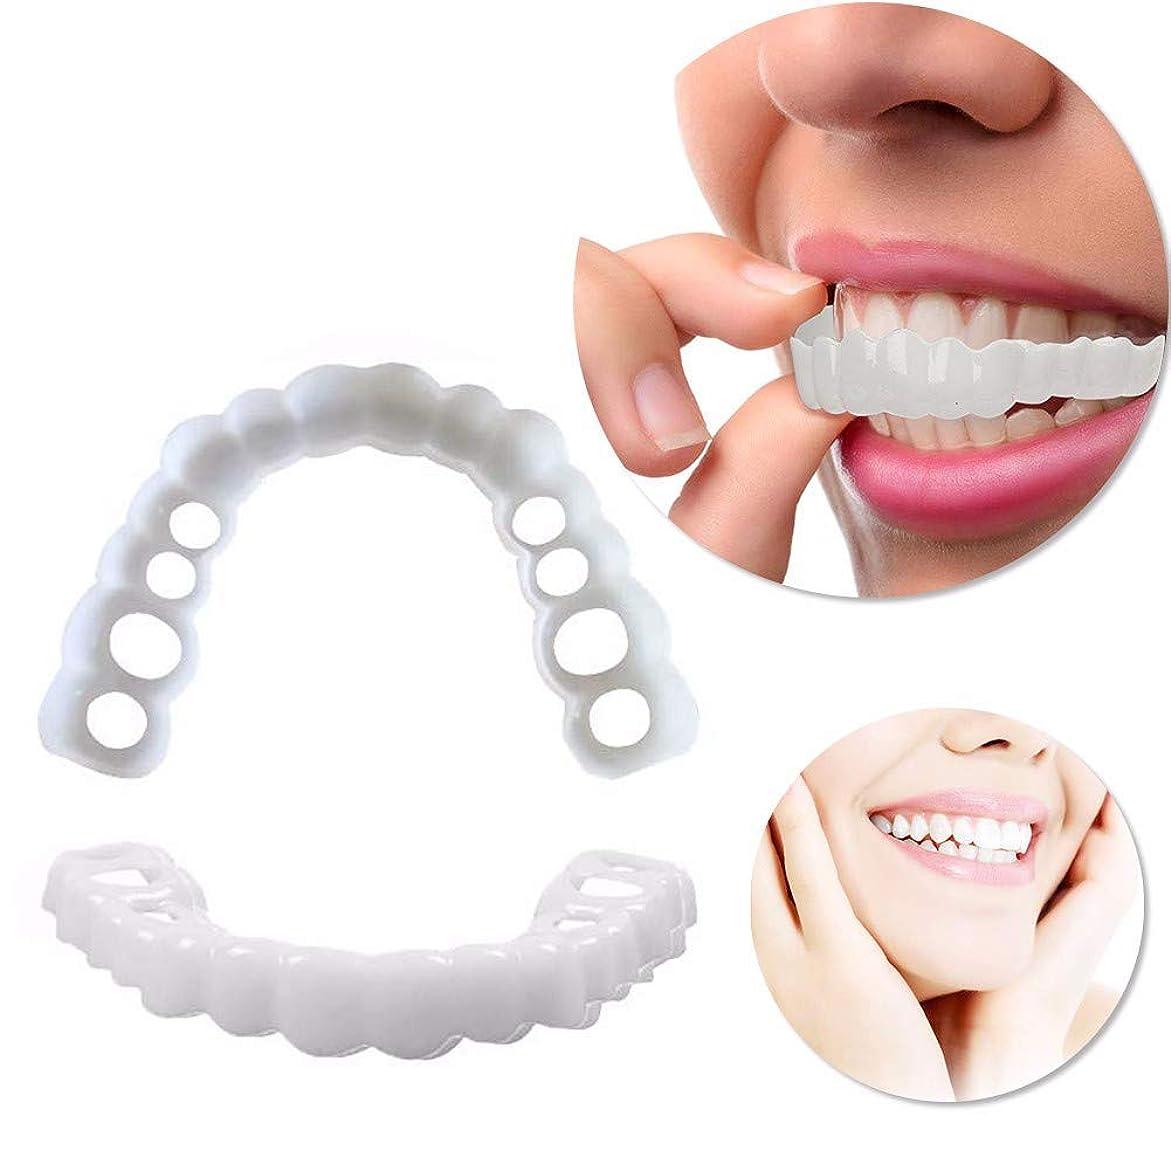 カメ警告緩やかなインスタントブレースの歯のスナップキャップを白くする歯の化粧品の快適さの適合の義歯の上のベニヤの笑顔ワンサイズはほとんど上と下に合います,2Pairs